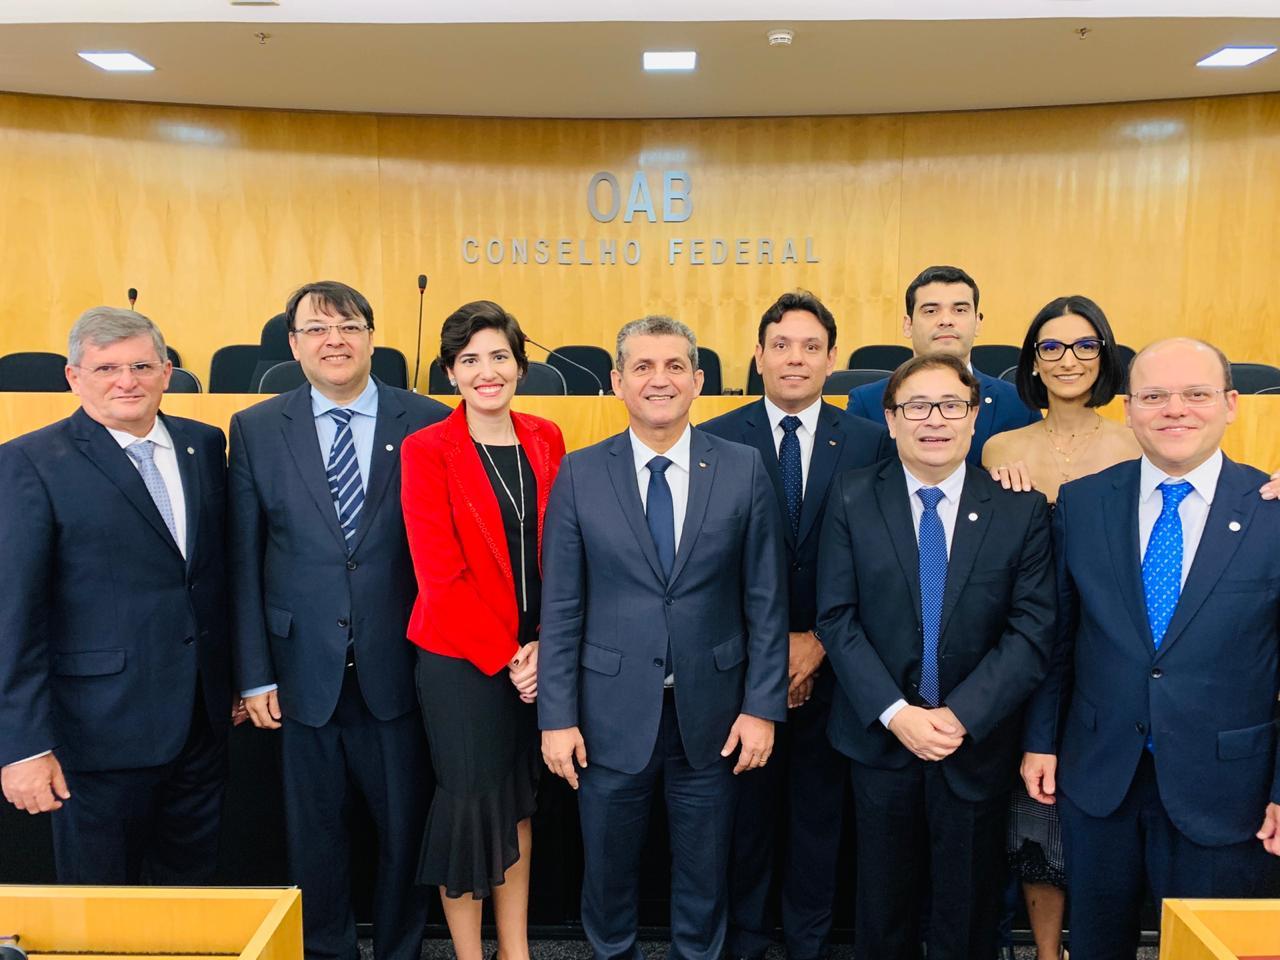 Advogados paraibanos são empossados Conselheiros Federais da OAB em Brasília